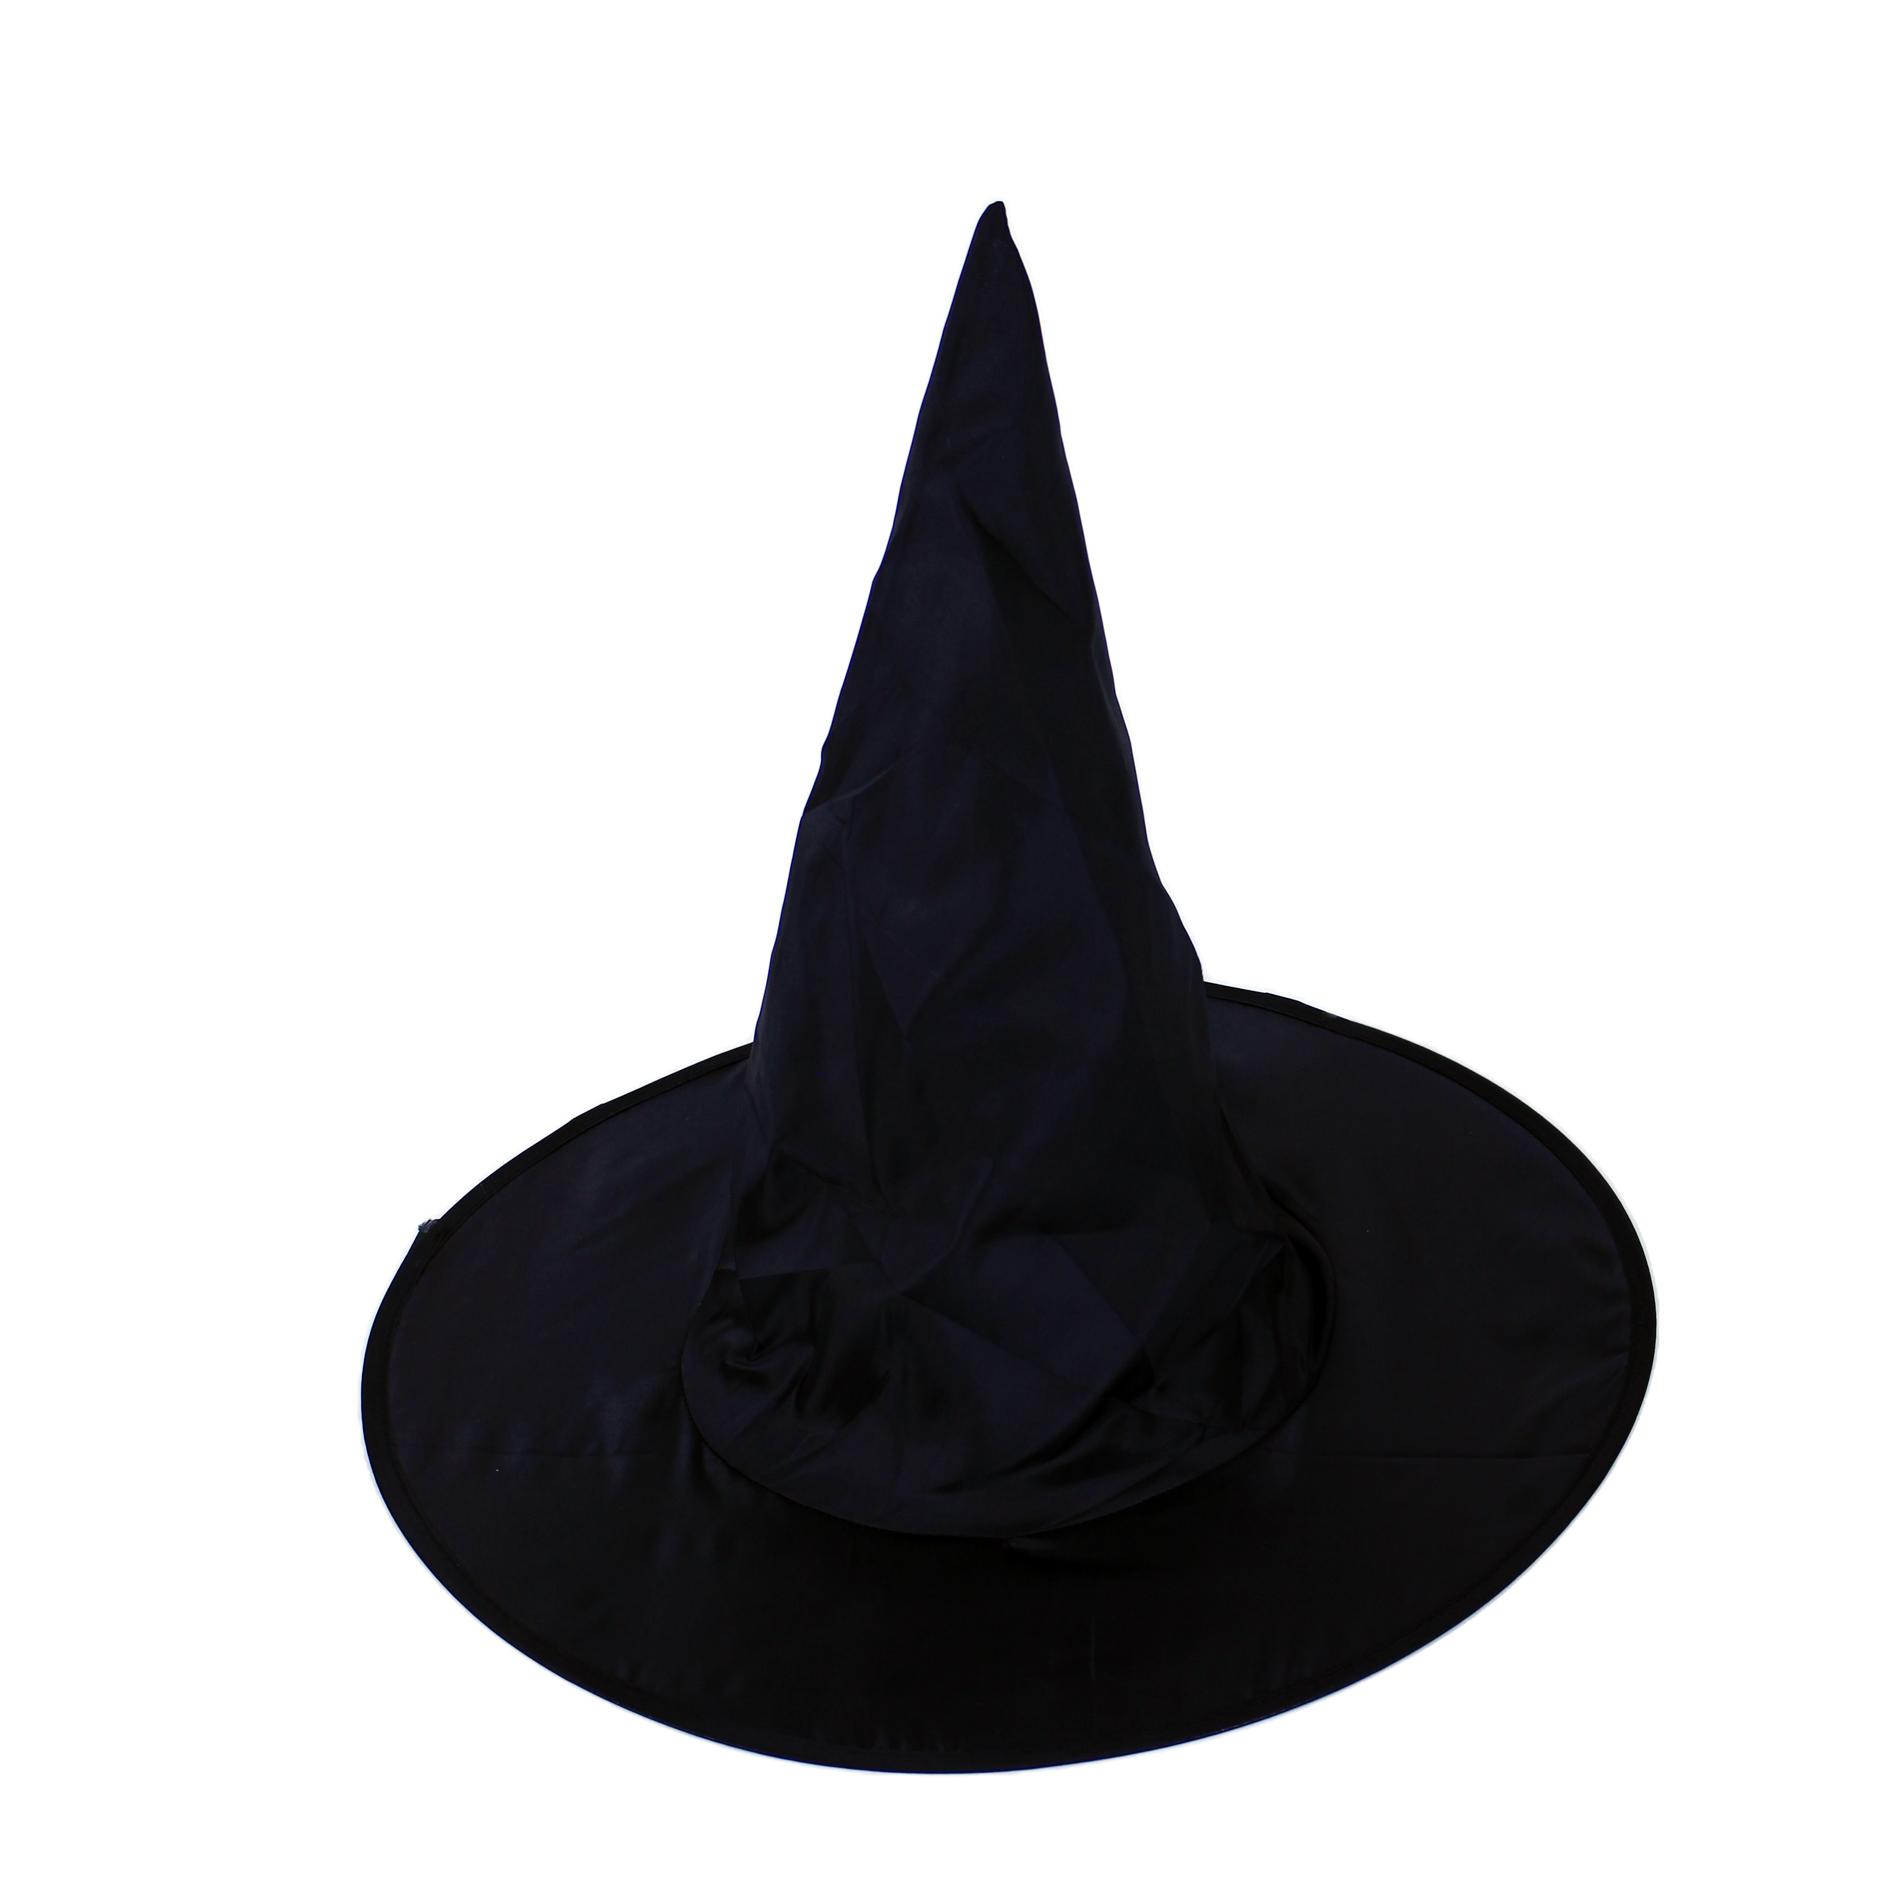 Klobouk pro dospělé čarodějnice / Halloween